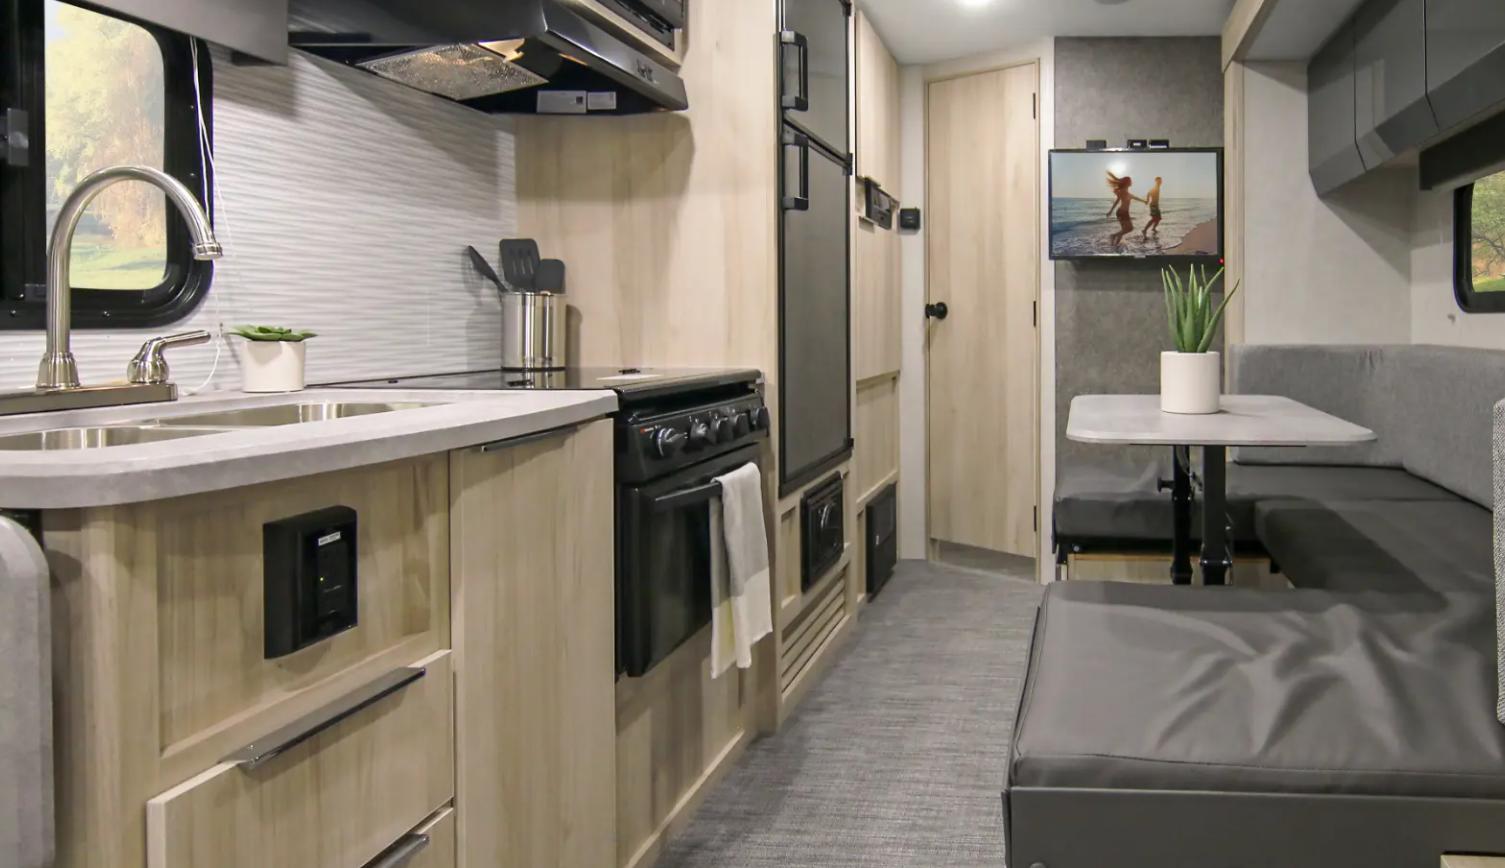 Lightweight Travel Trailer RVs Under 3,500 Pounds